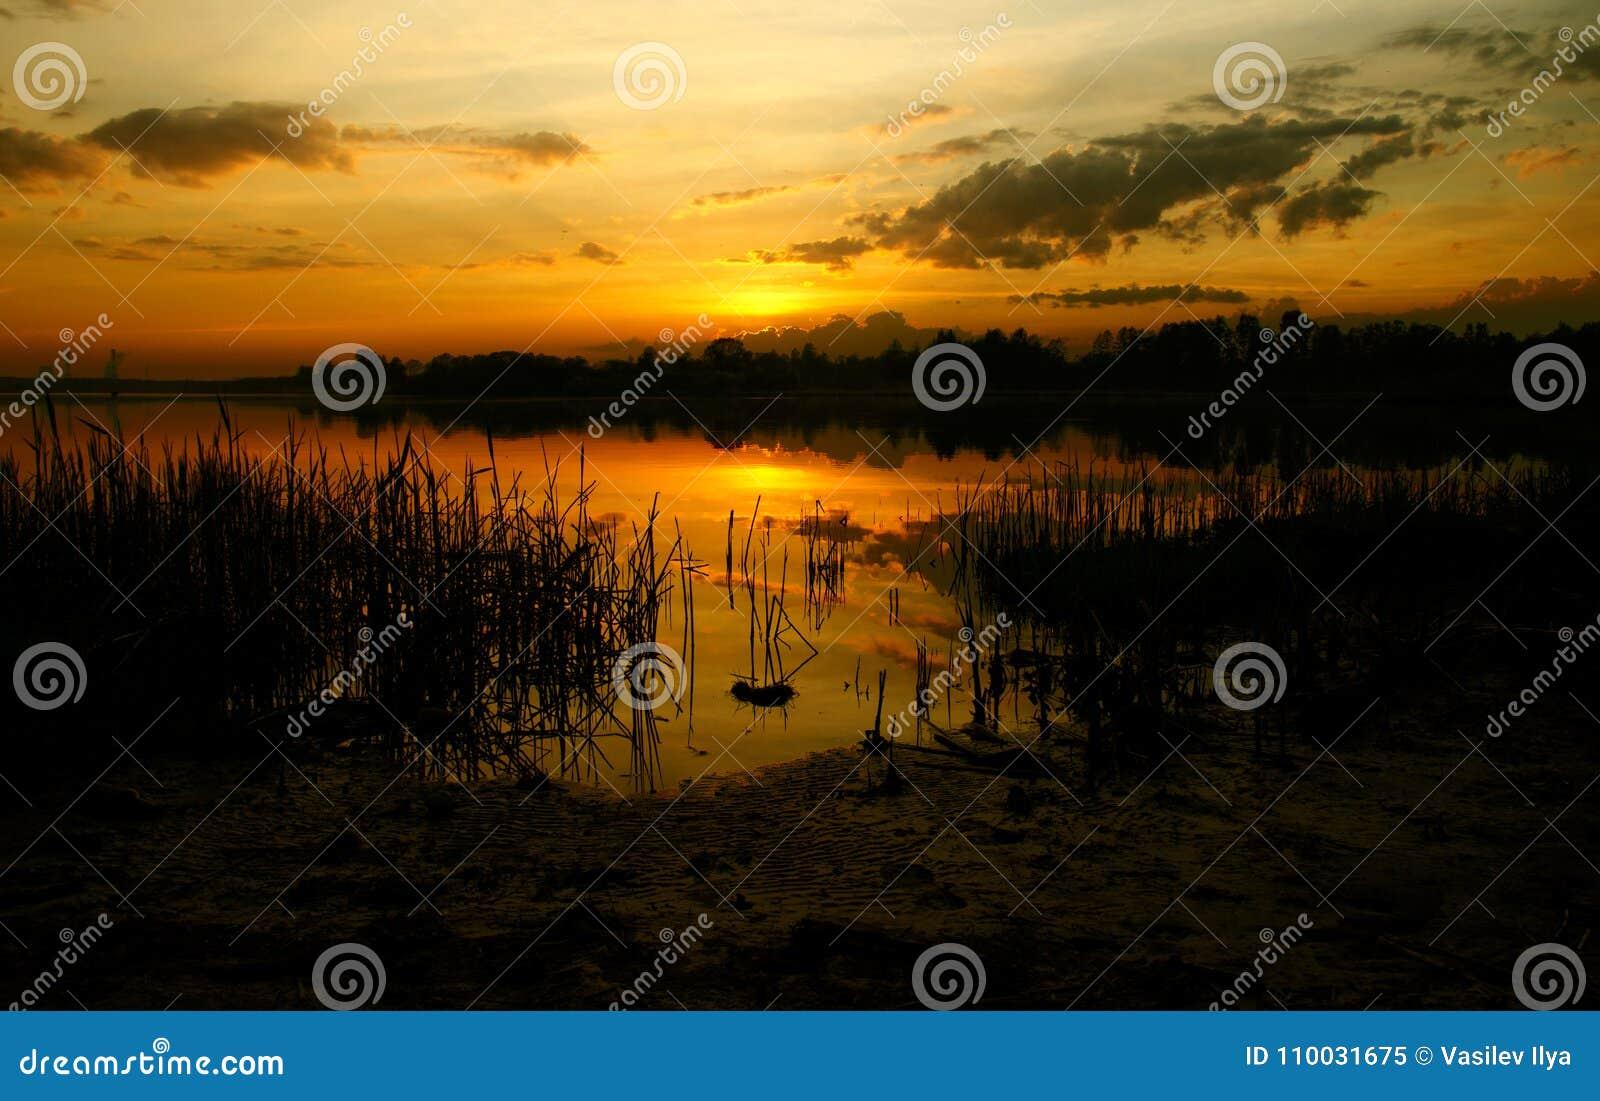 De zonsondergang van de de recente zomer rood-sinaasappel